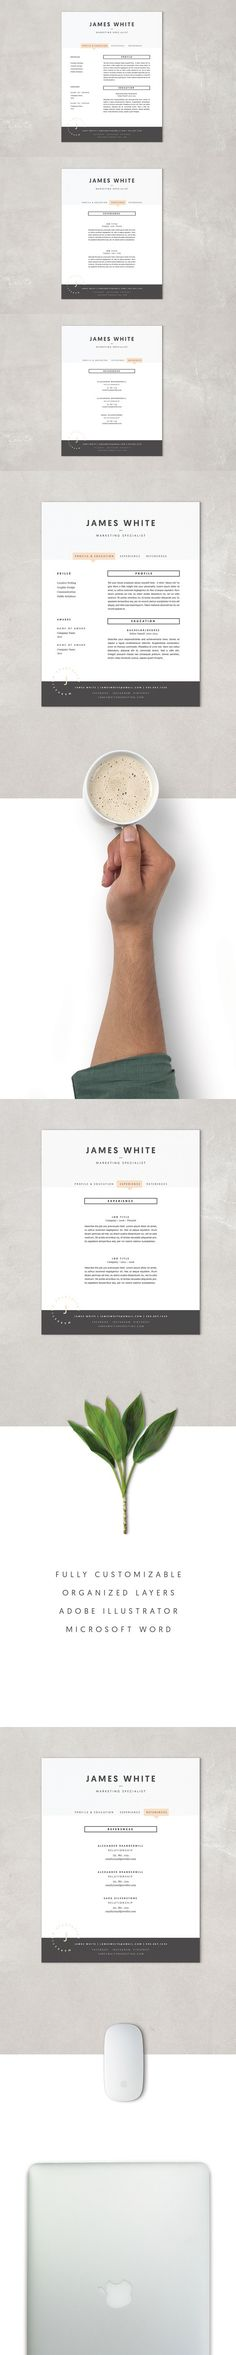 Interactive Cv Templates%0A Resume Template  James